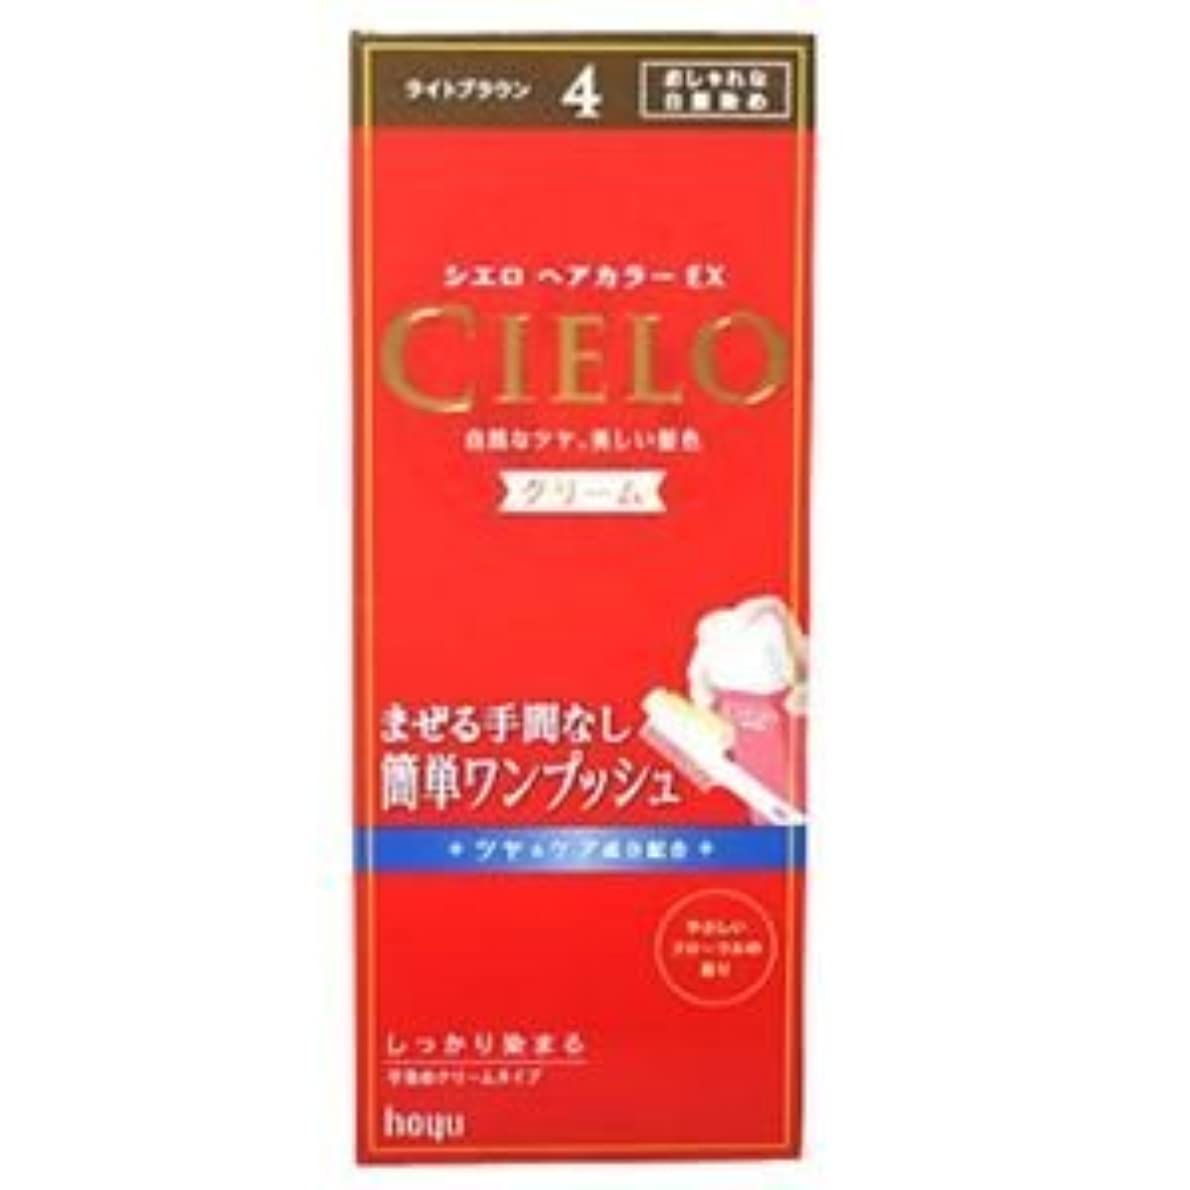 合理的隔離野菜シエロ ヘアカラーEX クリーム4 (ライトブラウン) 7セット